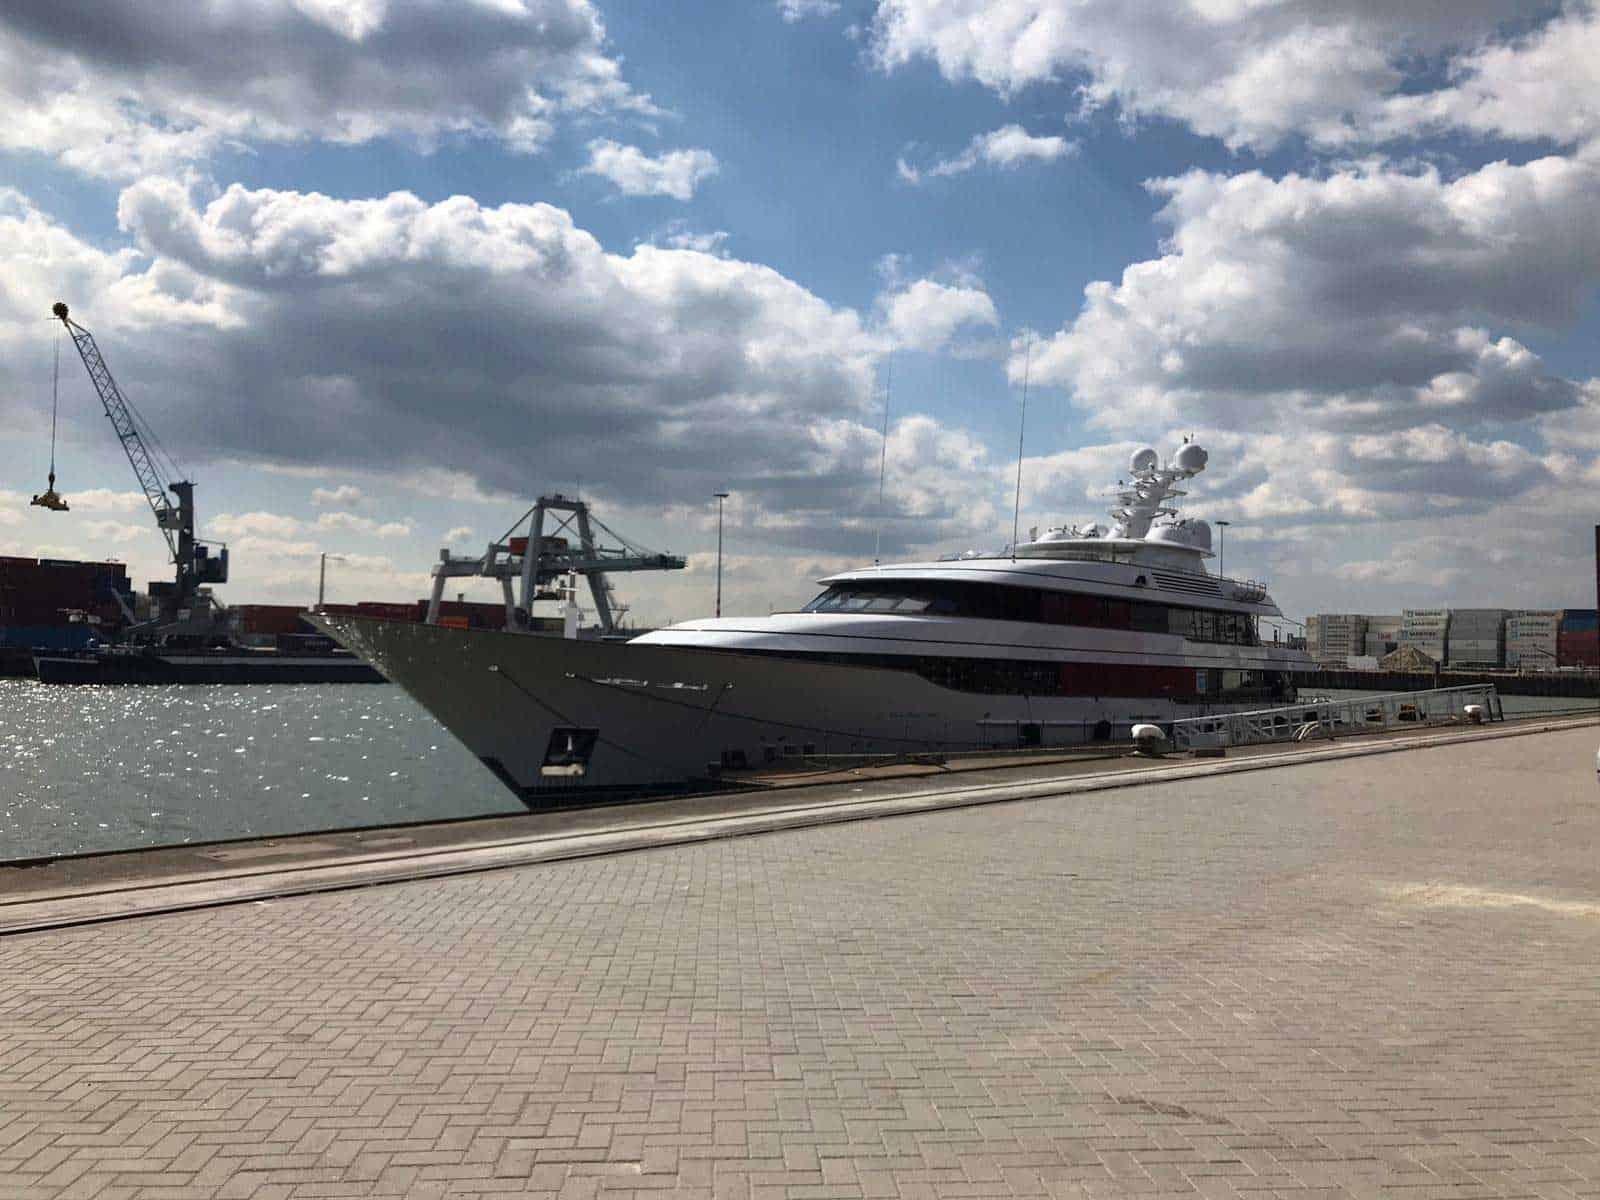 https://bridges2000.com/wp-content/uploads/2021/05/bridges2000-project-yacht-gangway-2019-04.jpg